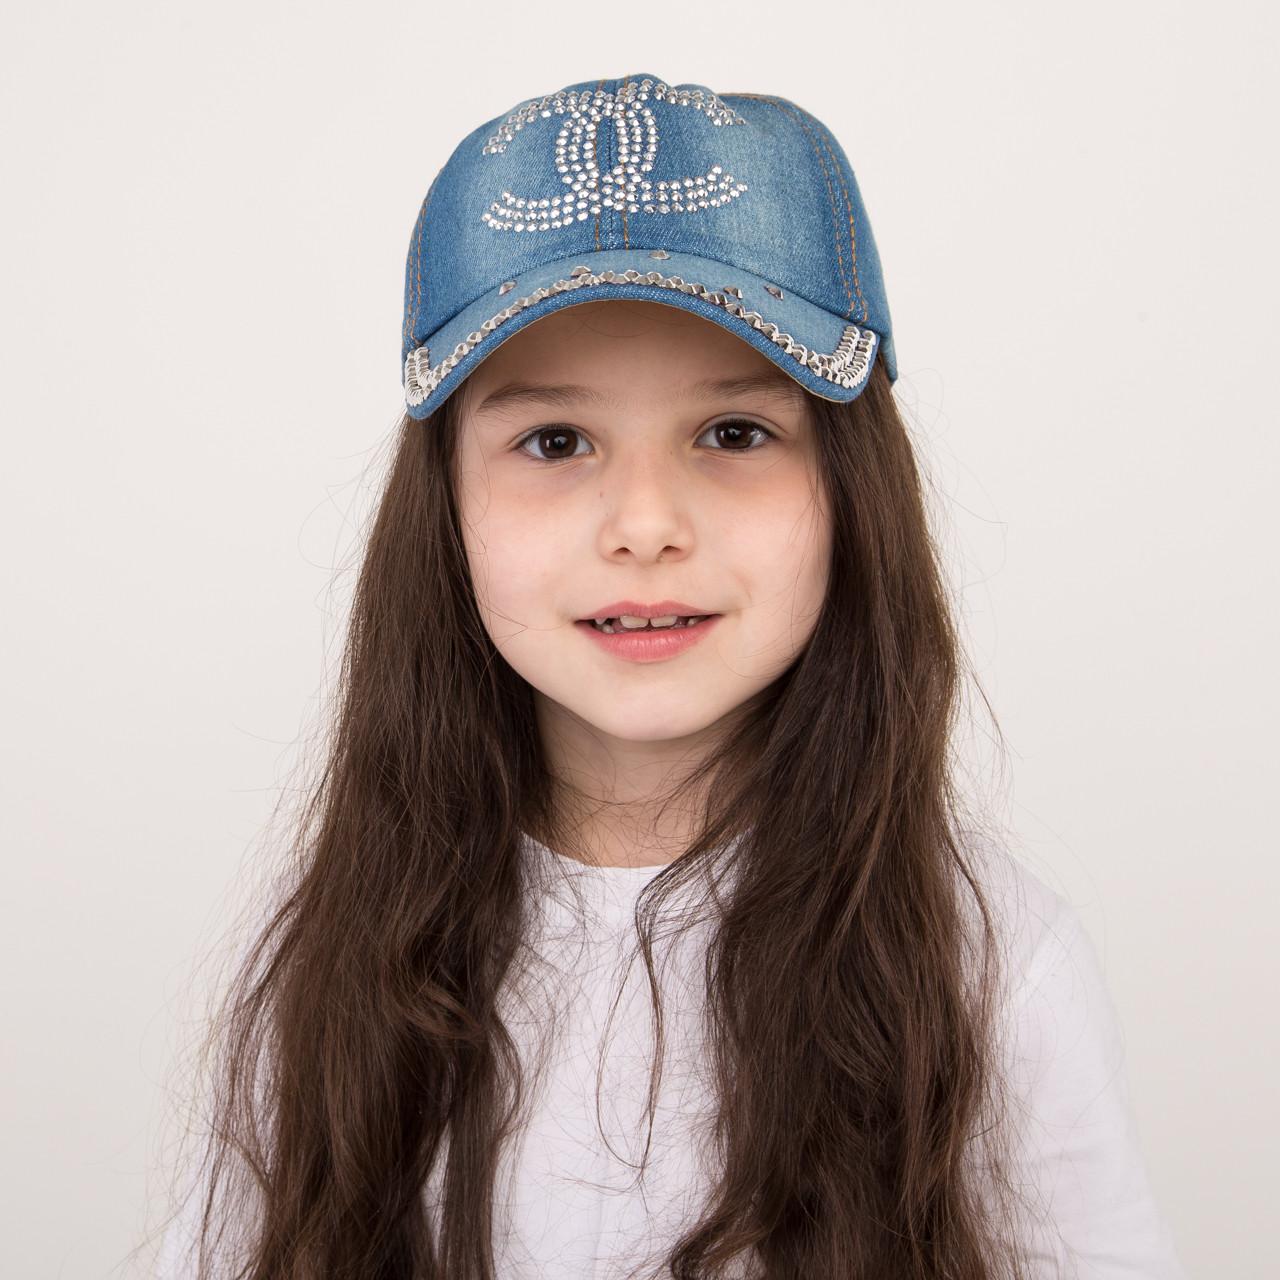 Джинсовая модная кепка для девочек - CHANEL - 32018-16